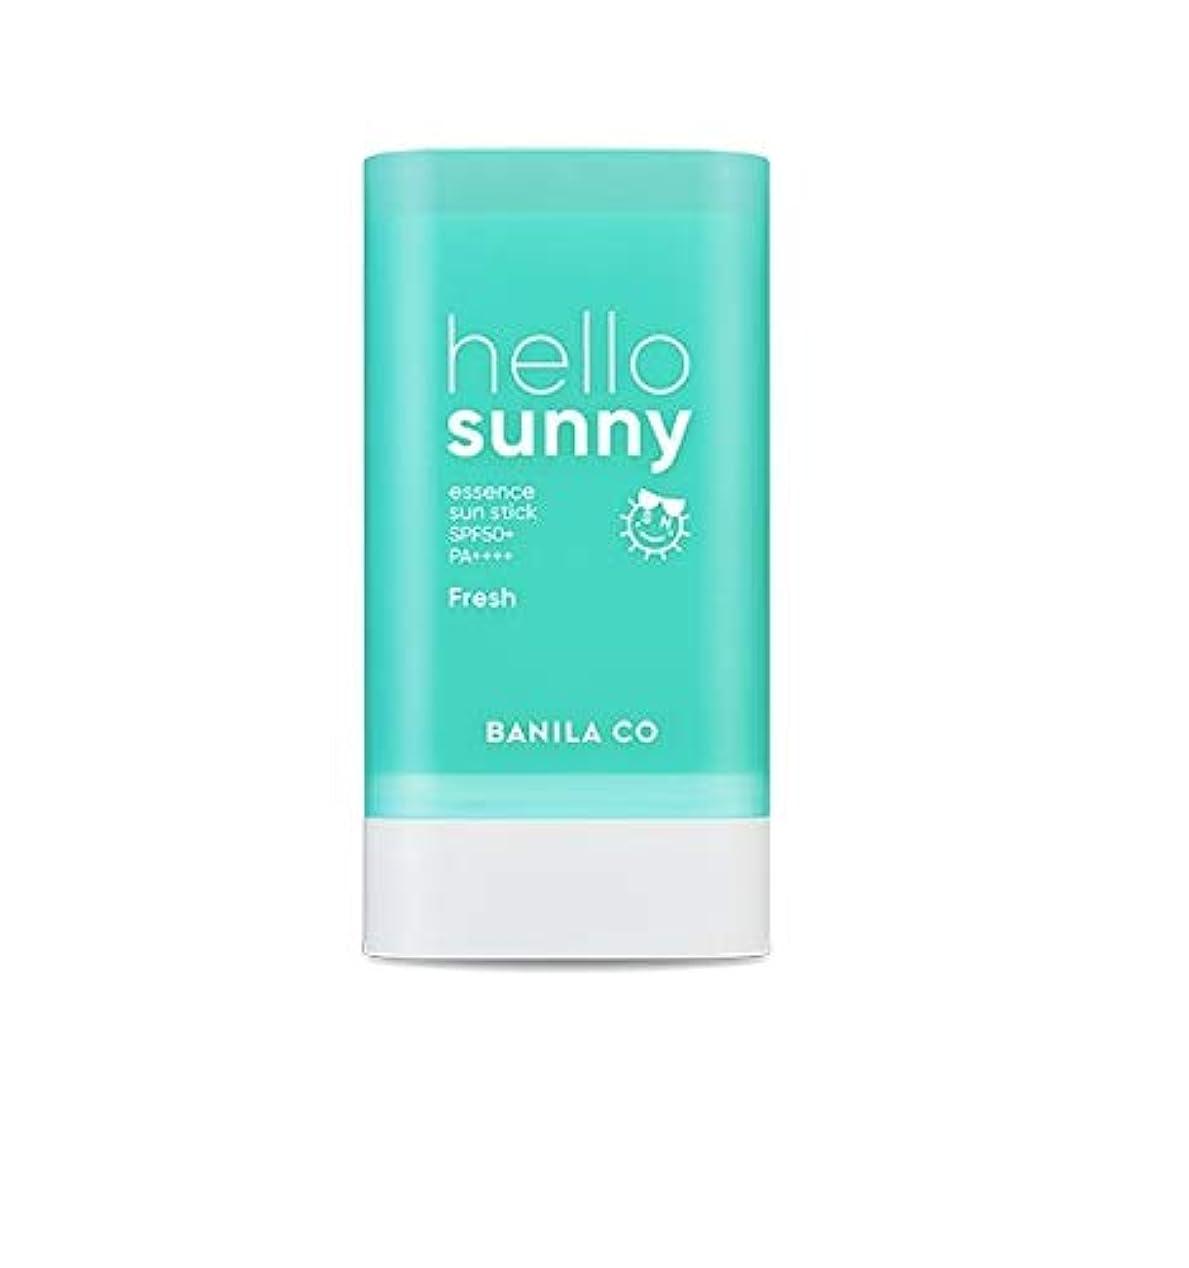 北東かご光沢banilaco ハローサニーエッセンスサンスティックフレッシュ/Hello Sunny Essence SunStick Fresh 18.5g [並行輸入品]